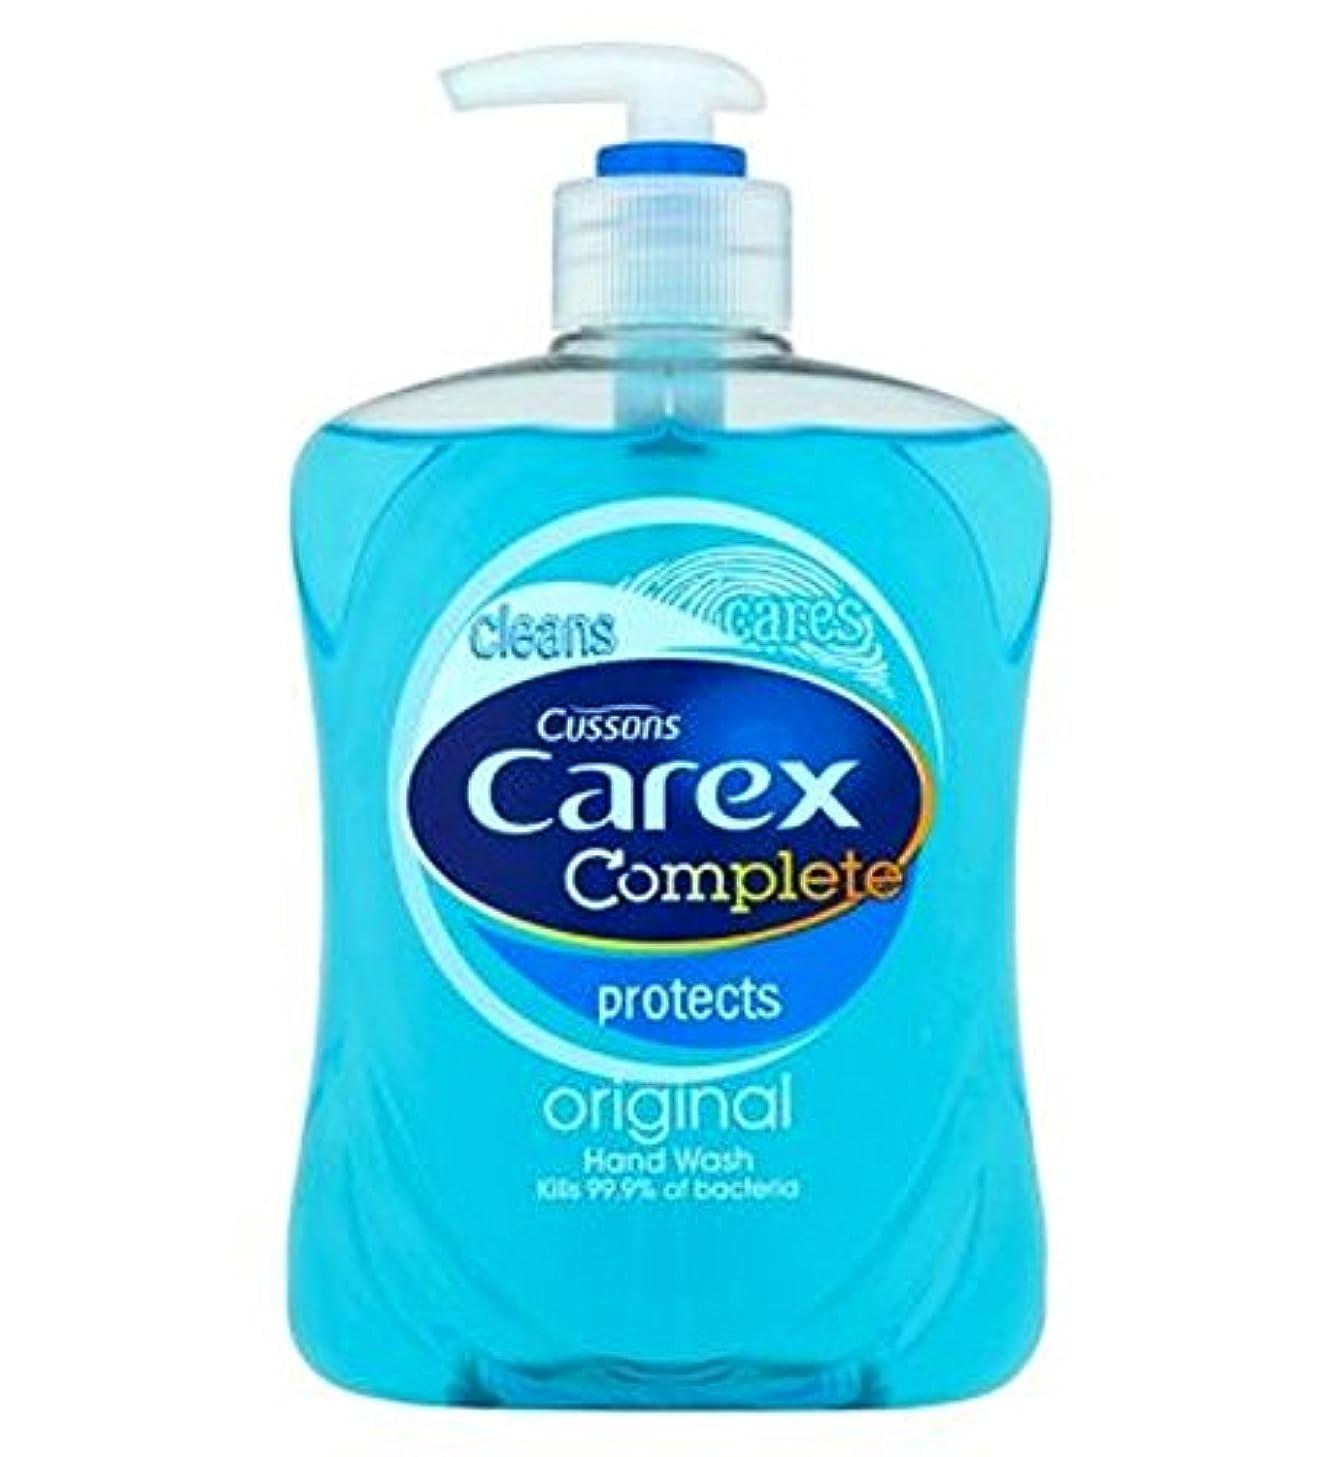 味わう鋭く肥沃なCarex Complete Original Hand Wash 500ml - スゲ属の完全オリジナルのハンドウォッシュ500ミリリットル (Carex) [並行輸入品]